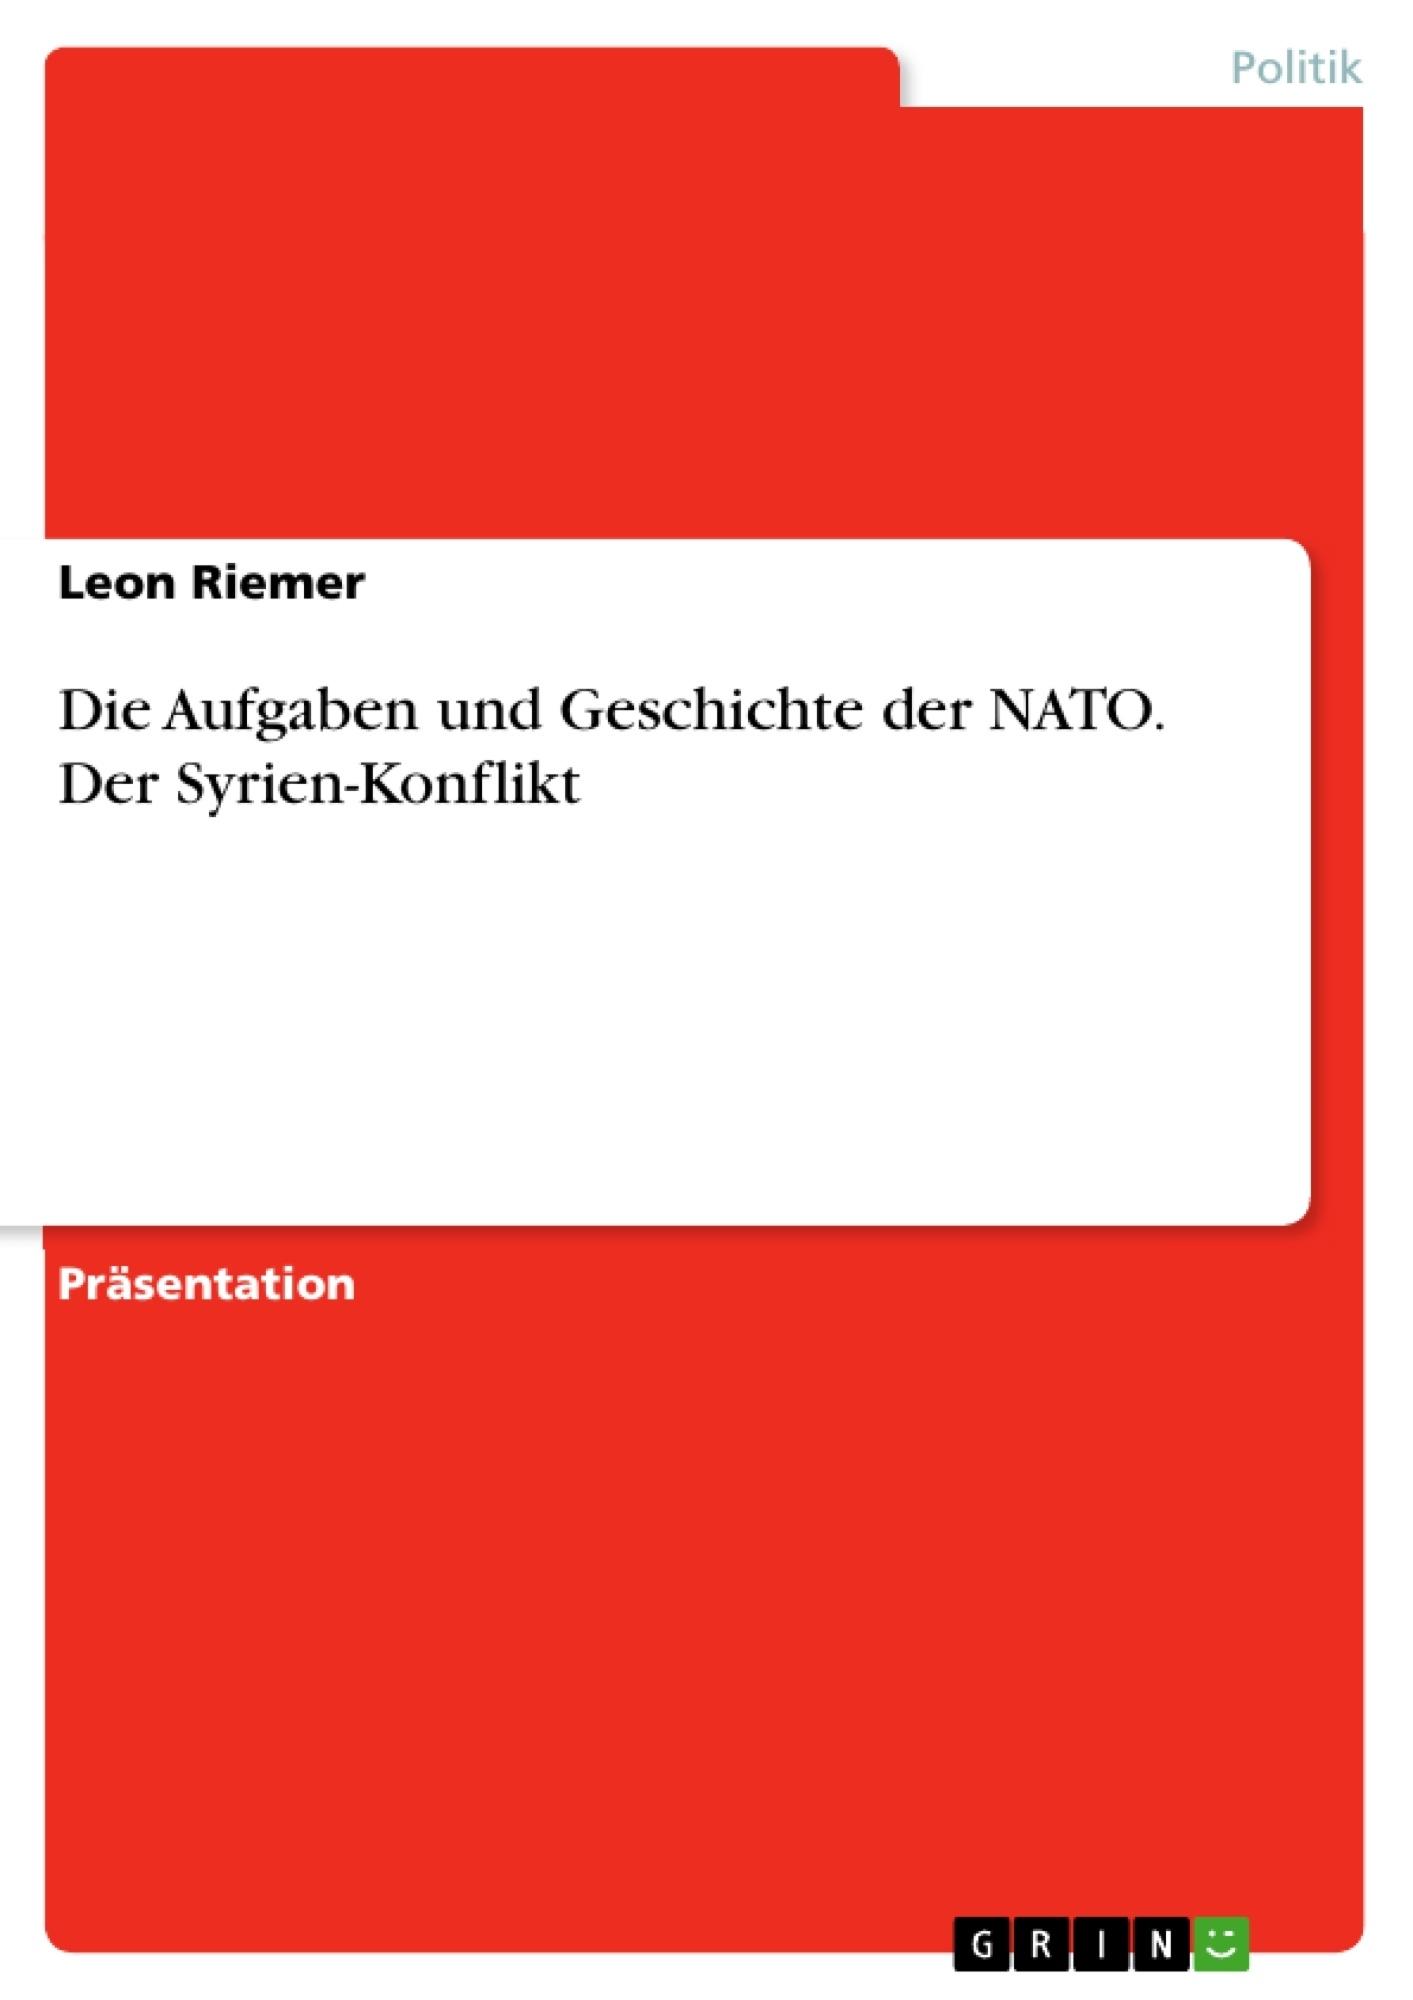 Titel: Die Aufgaben und Geschichte der NATO. Der Syrien-Konflikt